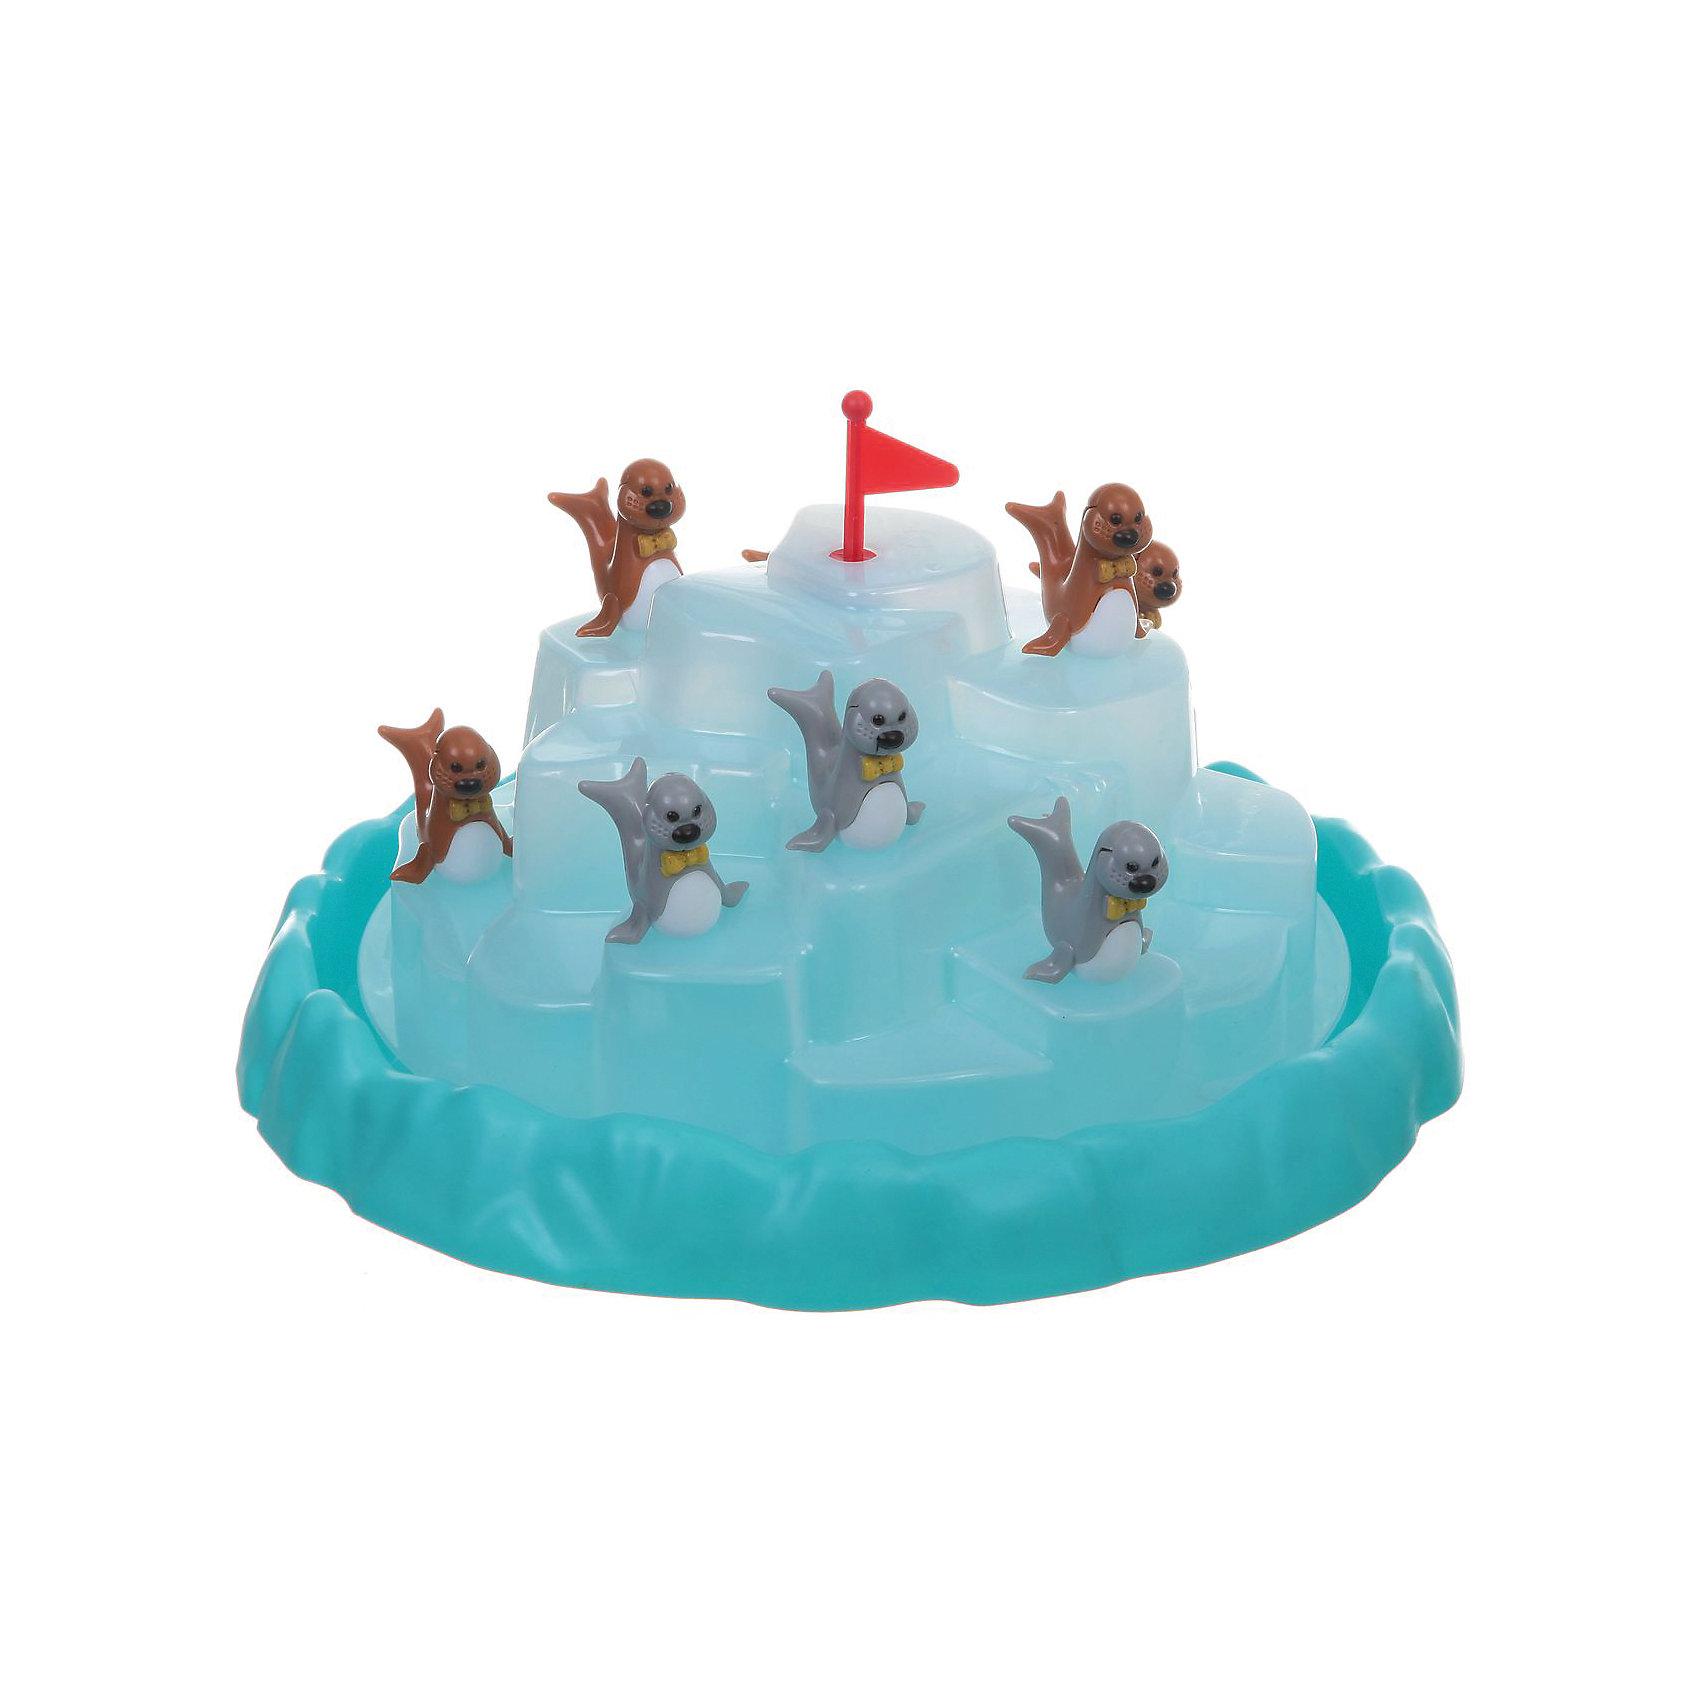 Настольная игра Морские котики , ФортунаСтратегические настольные игры<br>Характеристики:<br><br>• Вид игр: настольные игры<br>• Пол: универсальный<br>• Материал: пластик, картон<br>• Количество игроков: от 2-х до 6 человек<br>• Размер (Д*Ш*В): 26*6*24 см<br>• Вес: 450 г<br>• Комплектация: основание для айсберга, айсберг, 8 морских котиков, флажок, инструкция<br><br>Настольная игра Морские котики, Фортуна от отечественного производителя, специализирующегося на данного вида играх, предназначена для веселого времяпрепровождения для небольшой компании до 6-ти человек. Цель игры заключается в том, чтобы разместить раньше всех на льдине своих морских котиков. Сложность заключается в том, чтобы при размещении или поворачивании айсберга не уронить уже размещенных котиков. Элементы игры выполнены из качественного и безопасного пластика, упакованы в картонную коробку. В комплекте имеется инструкция с правилами игры.<br><br>Настольные игры от Фортуны научат ребенка внимательности, усидчивости, позволят ему развивать, тактическое, стратегическое и логическое мышление. Игры с несколькими участниками позволяют в легкой форме осваивать социальные навыки взаимодействия и выстраивать коммуникацию с другими участниками игры. Настольная игра Морские котики, Фортуна может стать прекрасным вариантом в качестве подарка к празднику для любого ребенка! <br><br>Настольную игру Морские котики, Фортуна можно купить в нашем интернет-магазине.<br><br>Ширина мм: 265<br>Глубина мм: 110<br>Высота мм: 260<br>Вес г: 625<br>Возраст от месяцев: 60<br>Возраст до месяцев: 2147483647<br>Пол: Унисекс<br>Возраст: Детский<br>SKU: 5121945